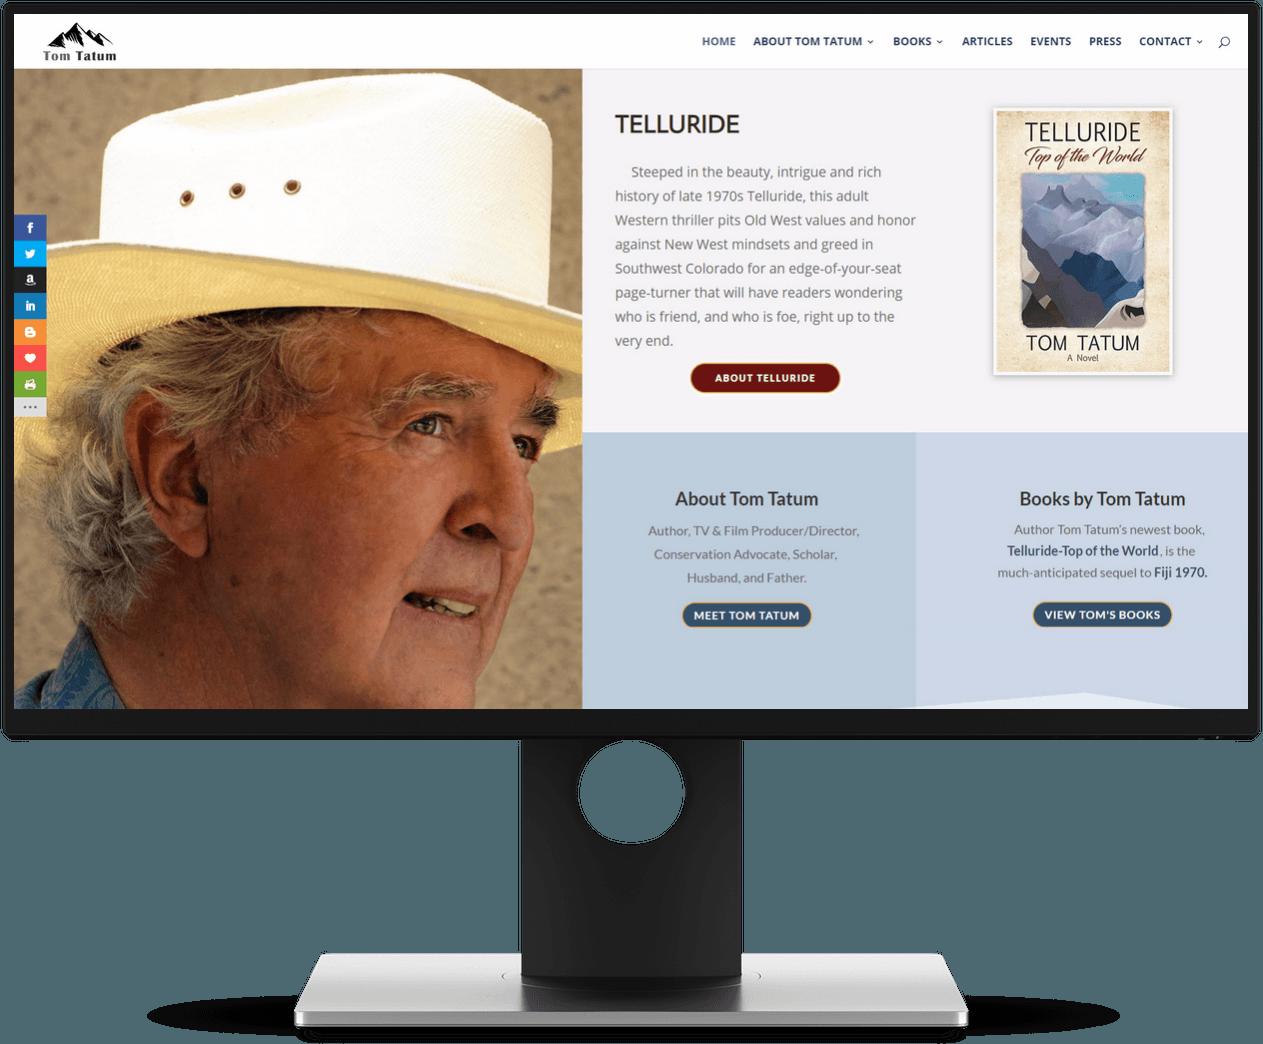 Tom Tatum Author Website Screenshot